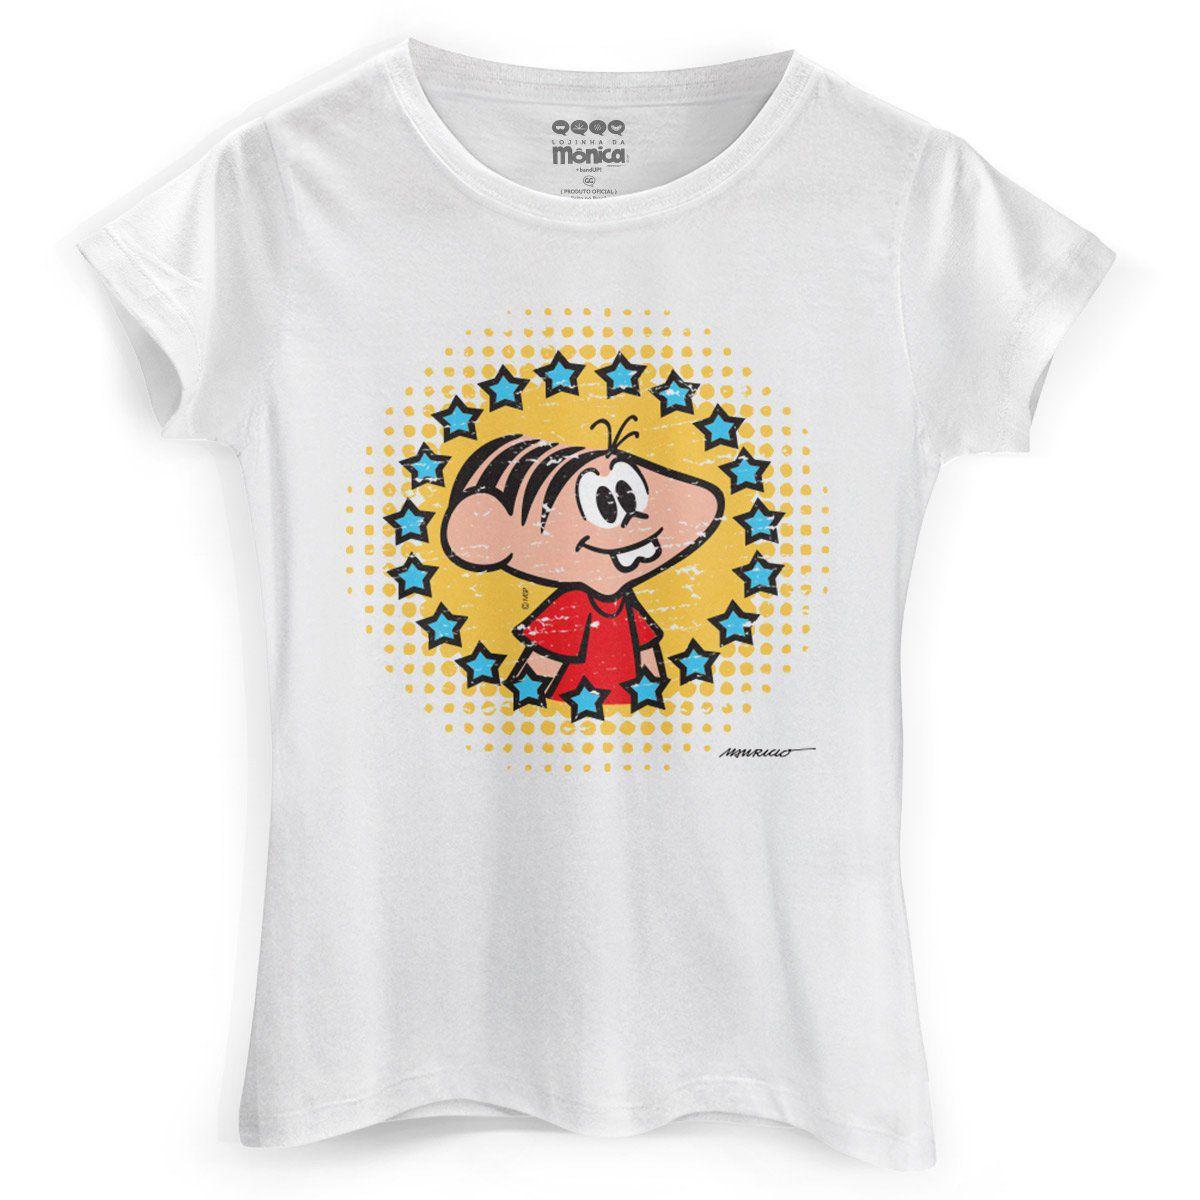 Camiseta Feminina Turma da Mônica 50 Anos Evolução Modelo 5